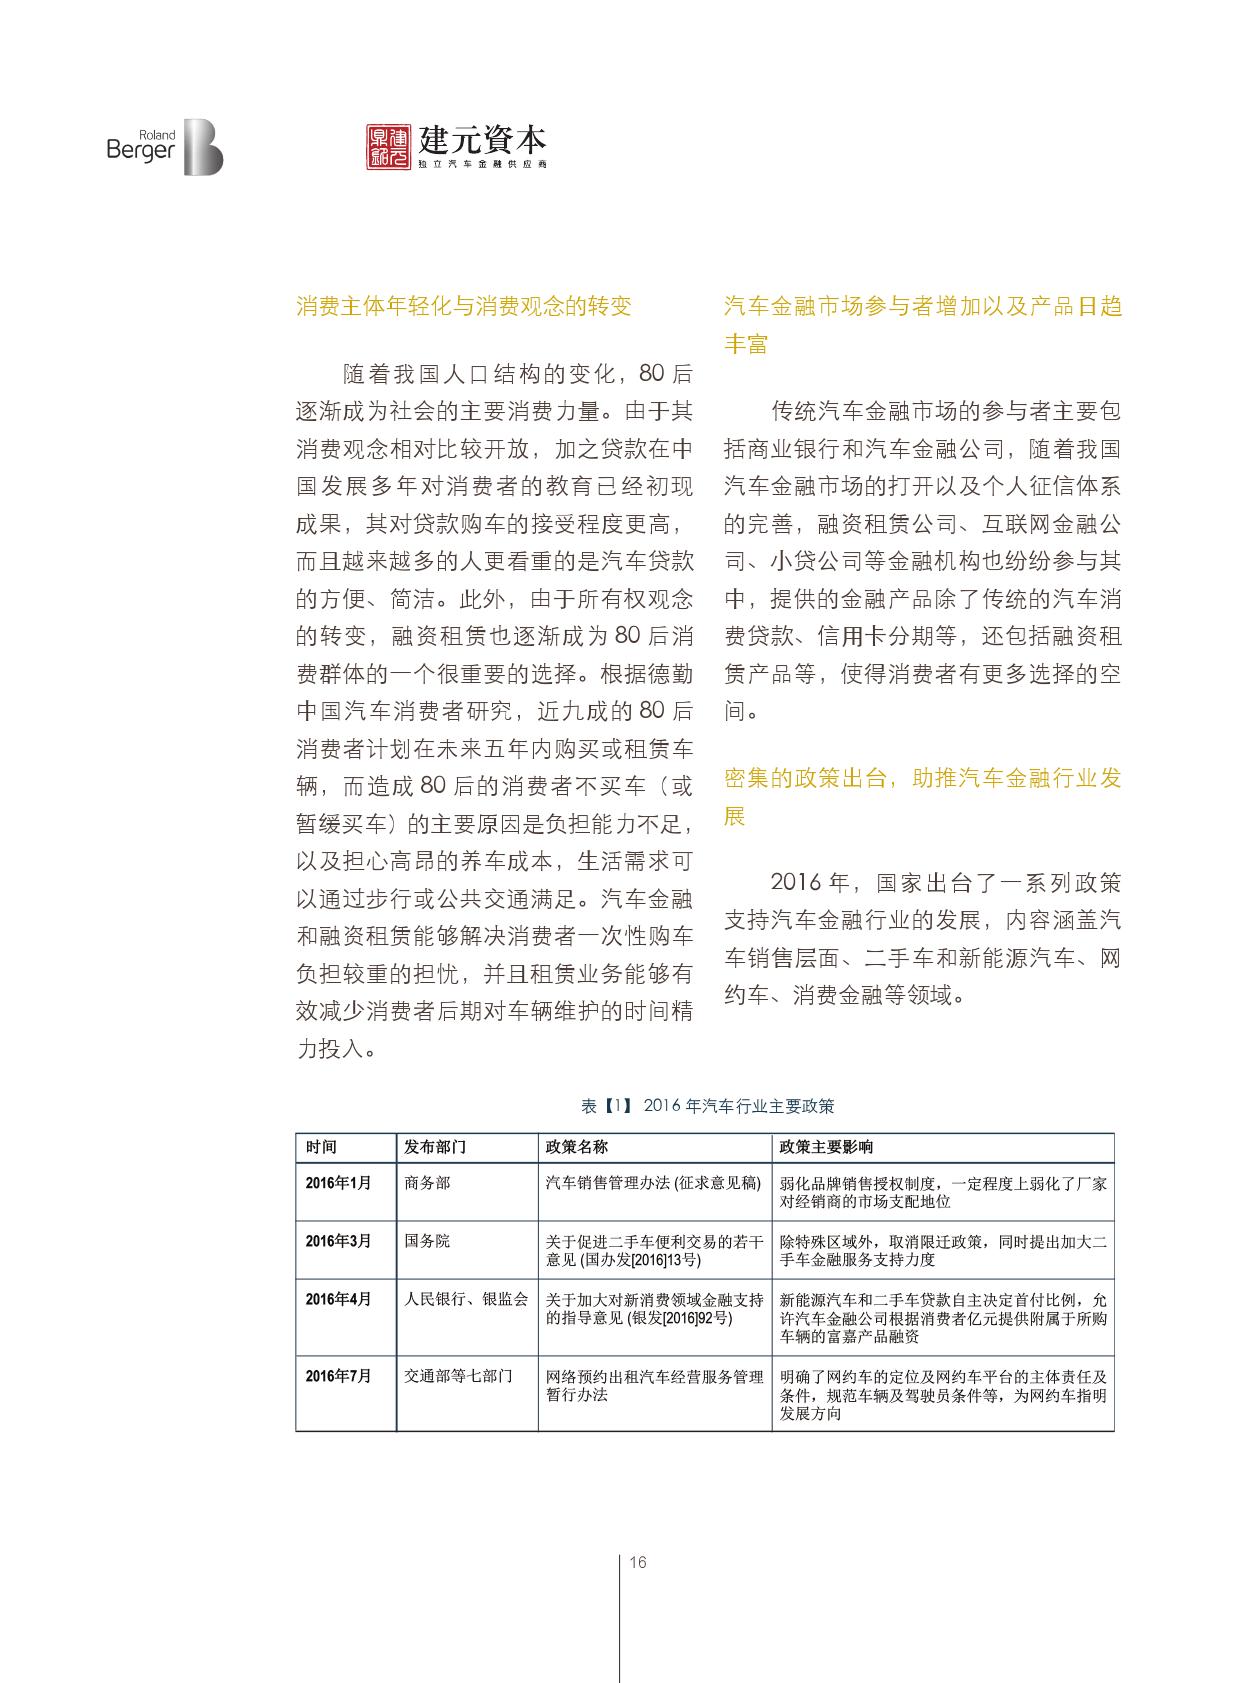 2016中国汽车金融报告_000017